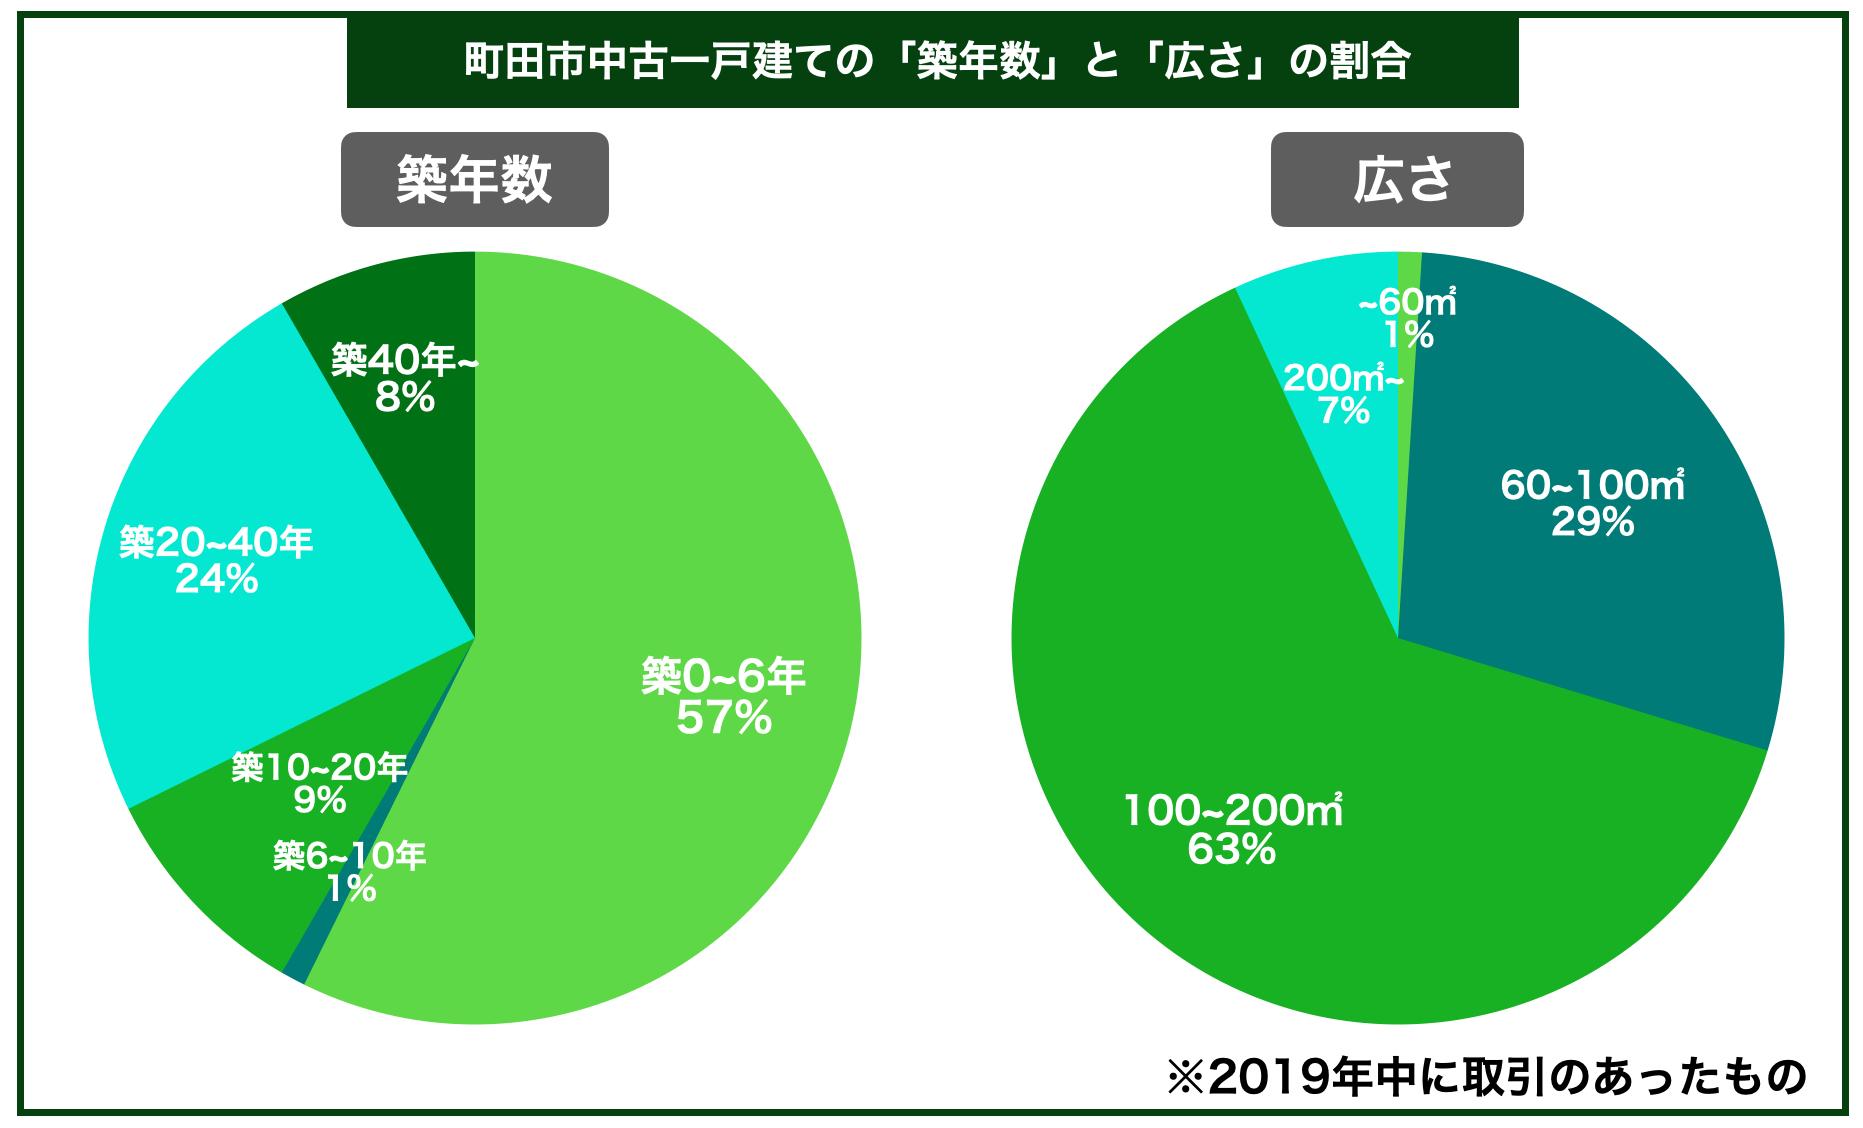 町田市中古一戸建ての平均築年数と広さの割合